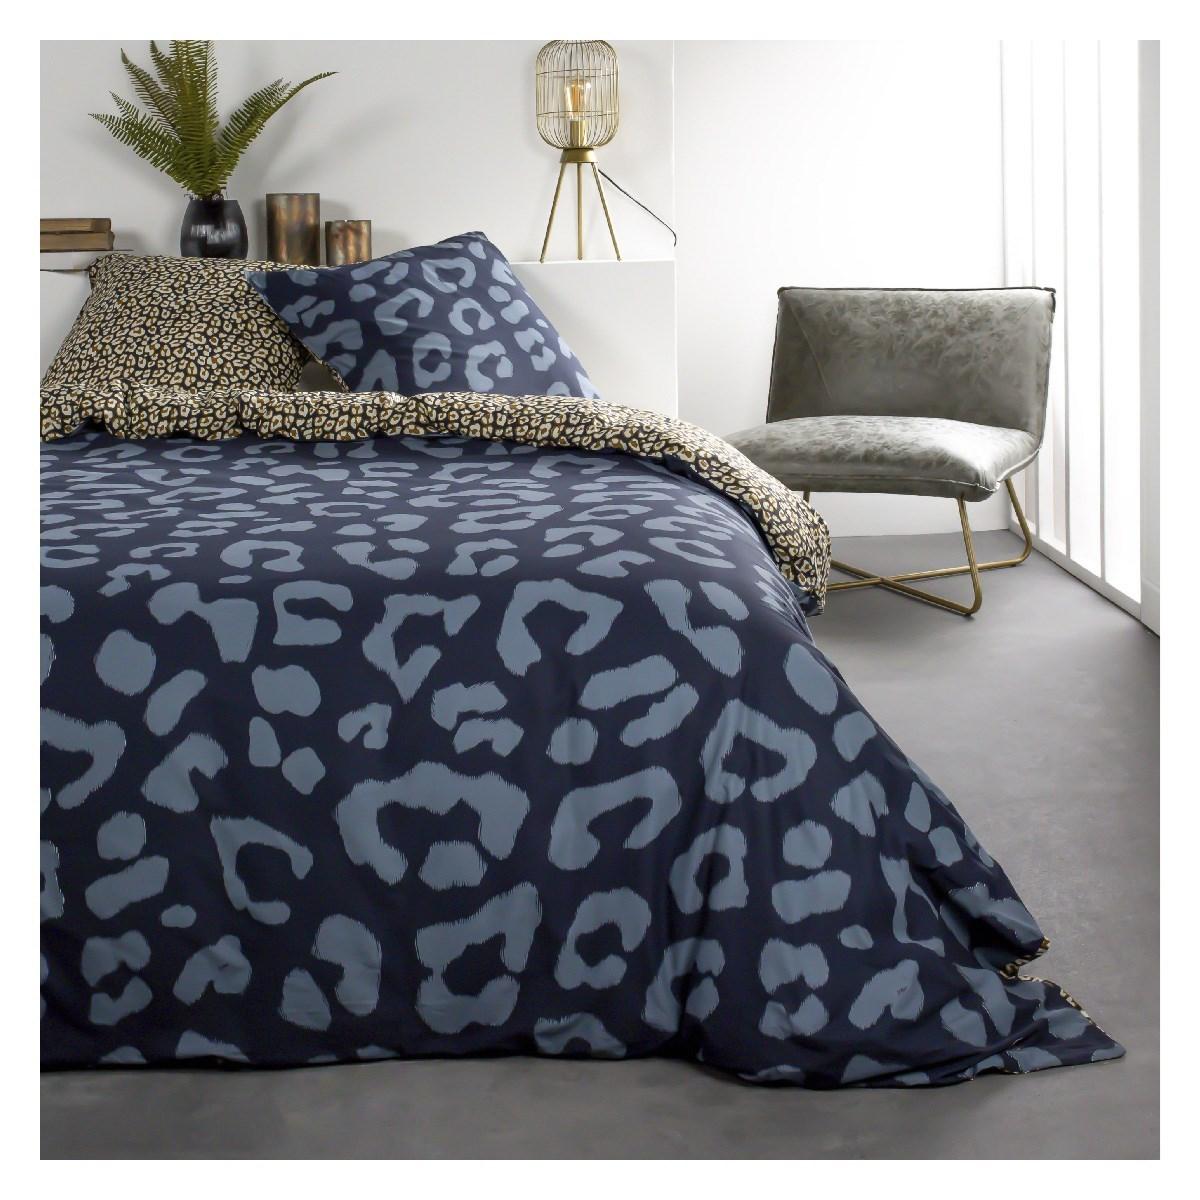 Parure de lit 2 personnes imprimé animal en Coton Bleu 240x260 cm